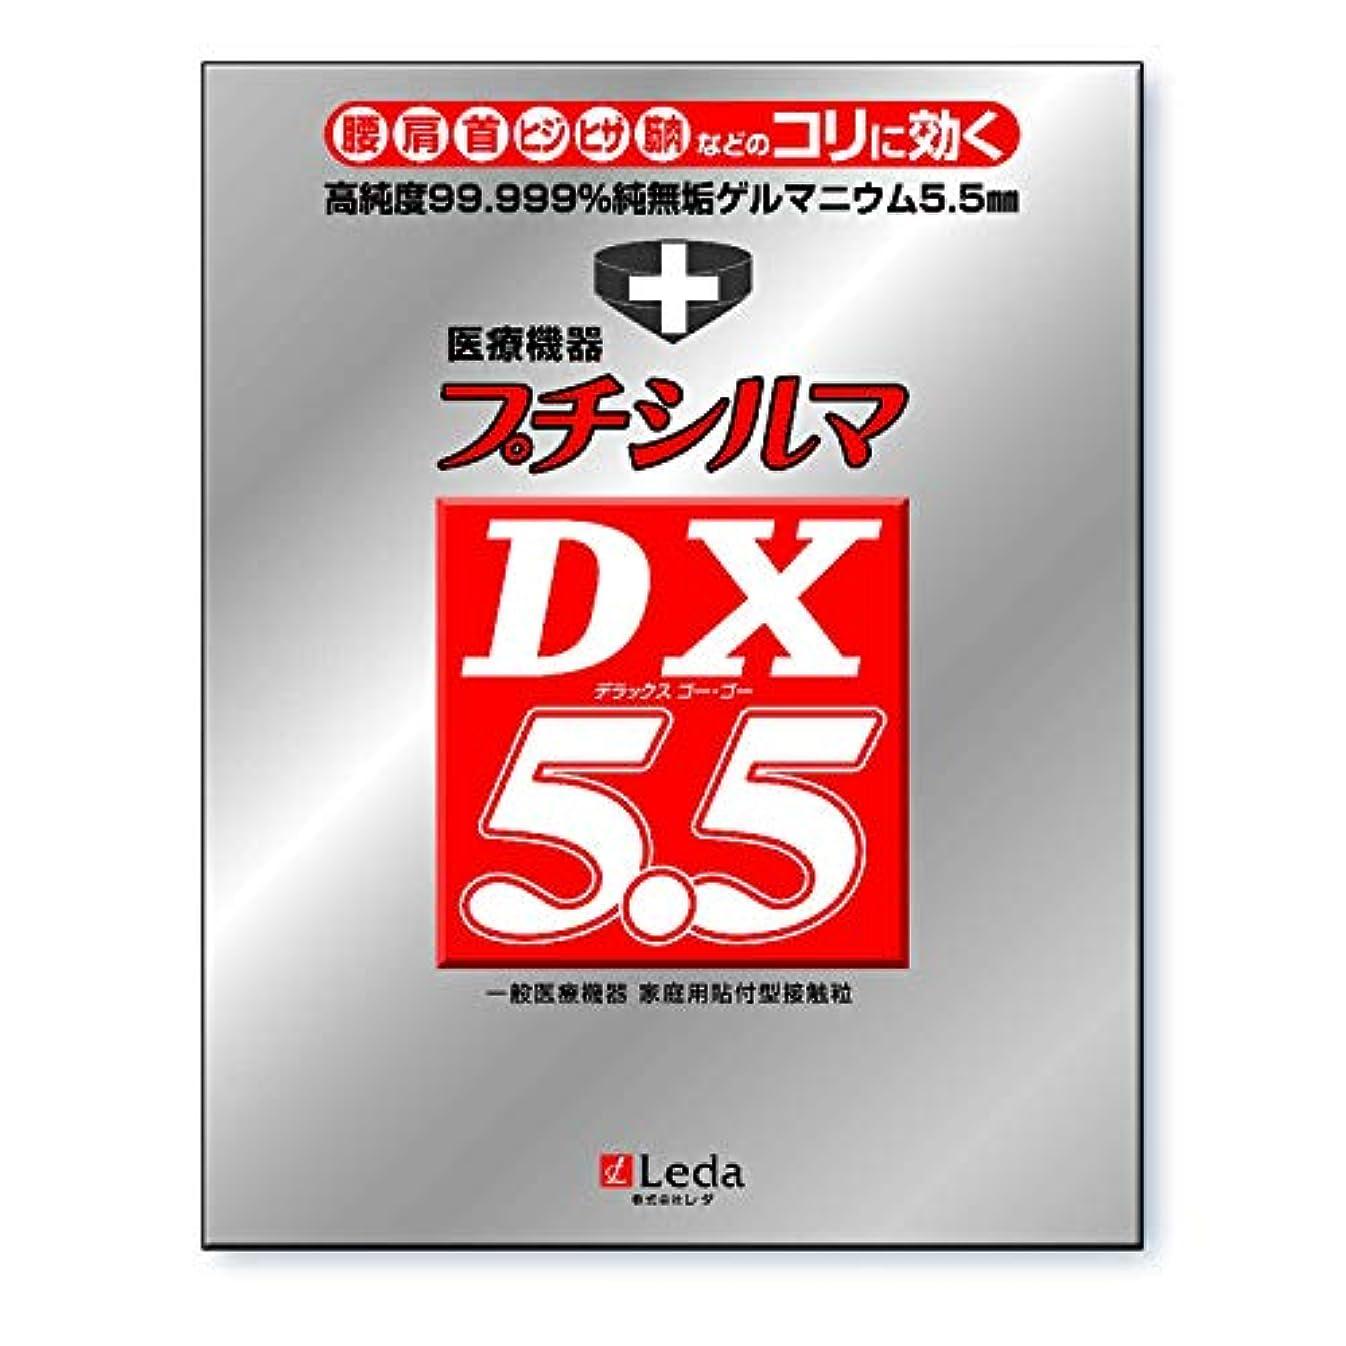 どう?科学すずめプチシルマDX 5.5 お徳用替えプラスター200枚付き